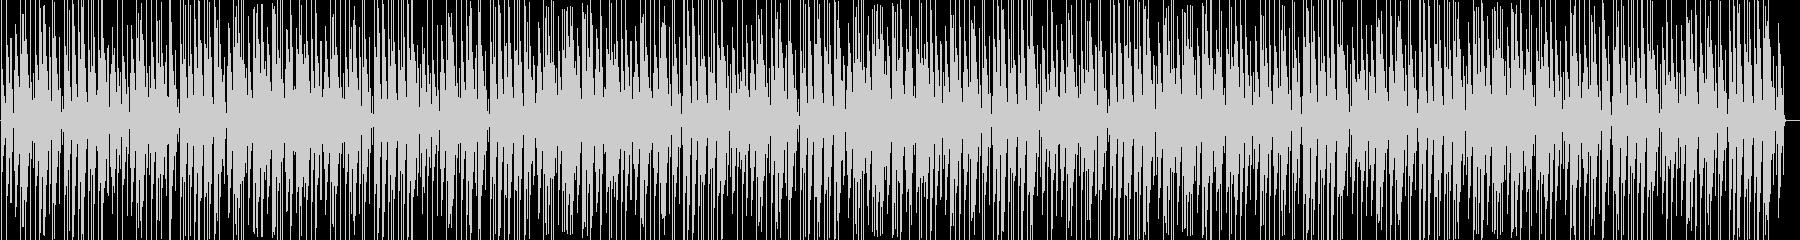 ほのぼのマリンバ「凱旋行進曲」サッカー曲の未再生の波形